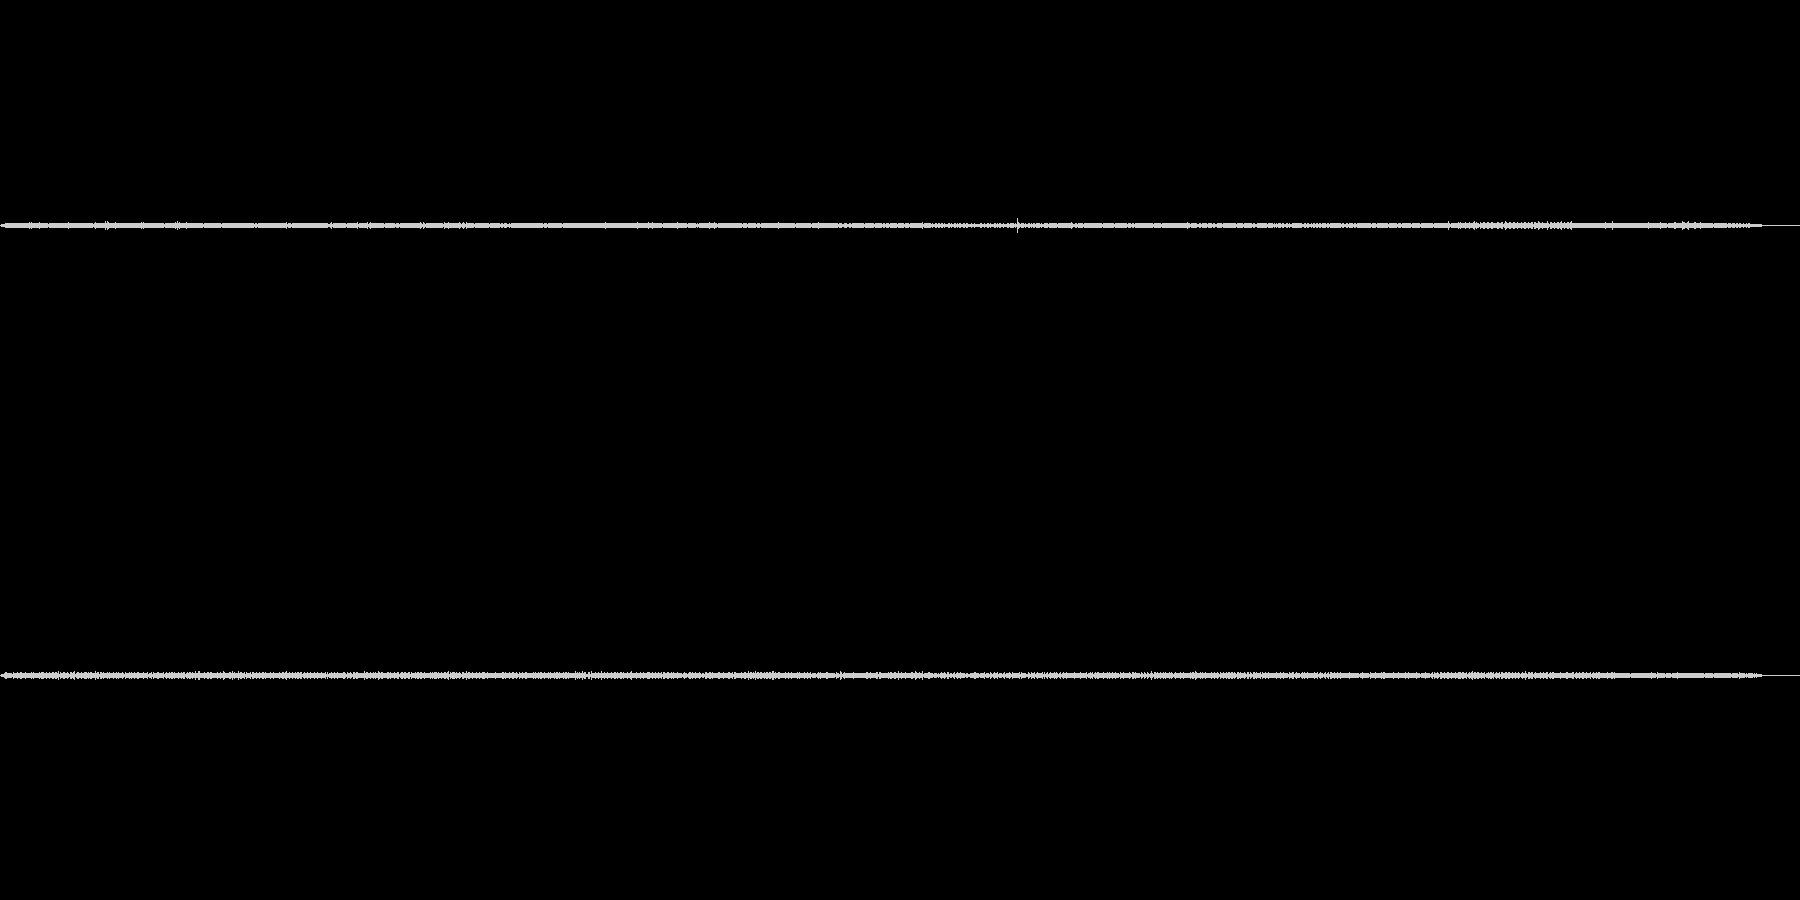 サンセットフォレストガンビア後のク...の未再生の波形